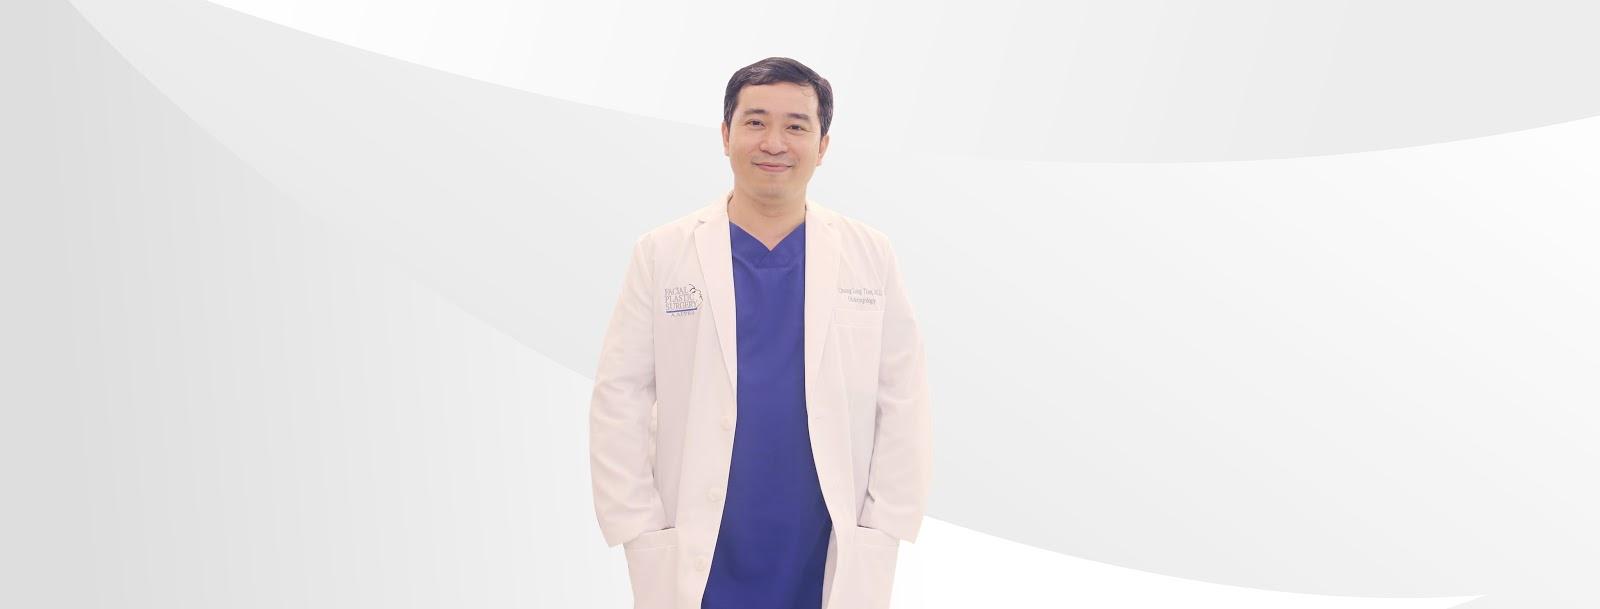 Các yếu tố cần lưu ý giúp bạn lựa chọn địa điểm phẫu thuật - Ảnh 3